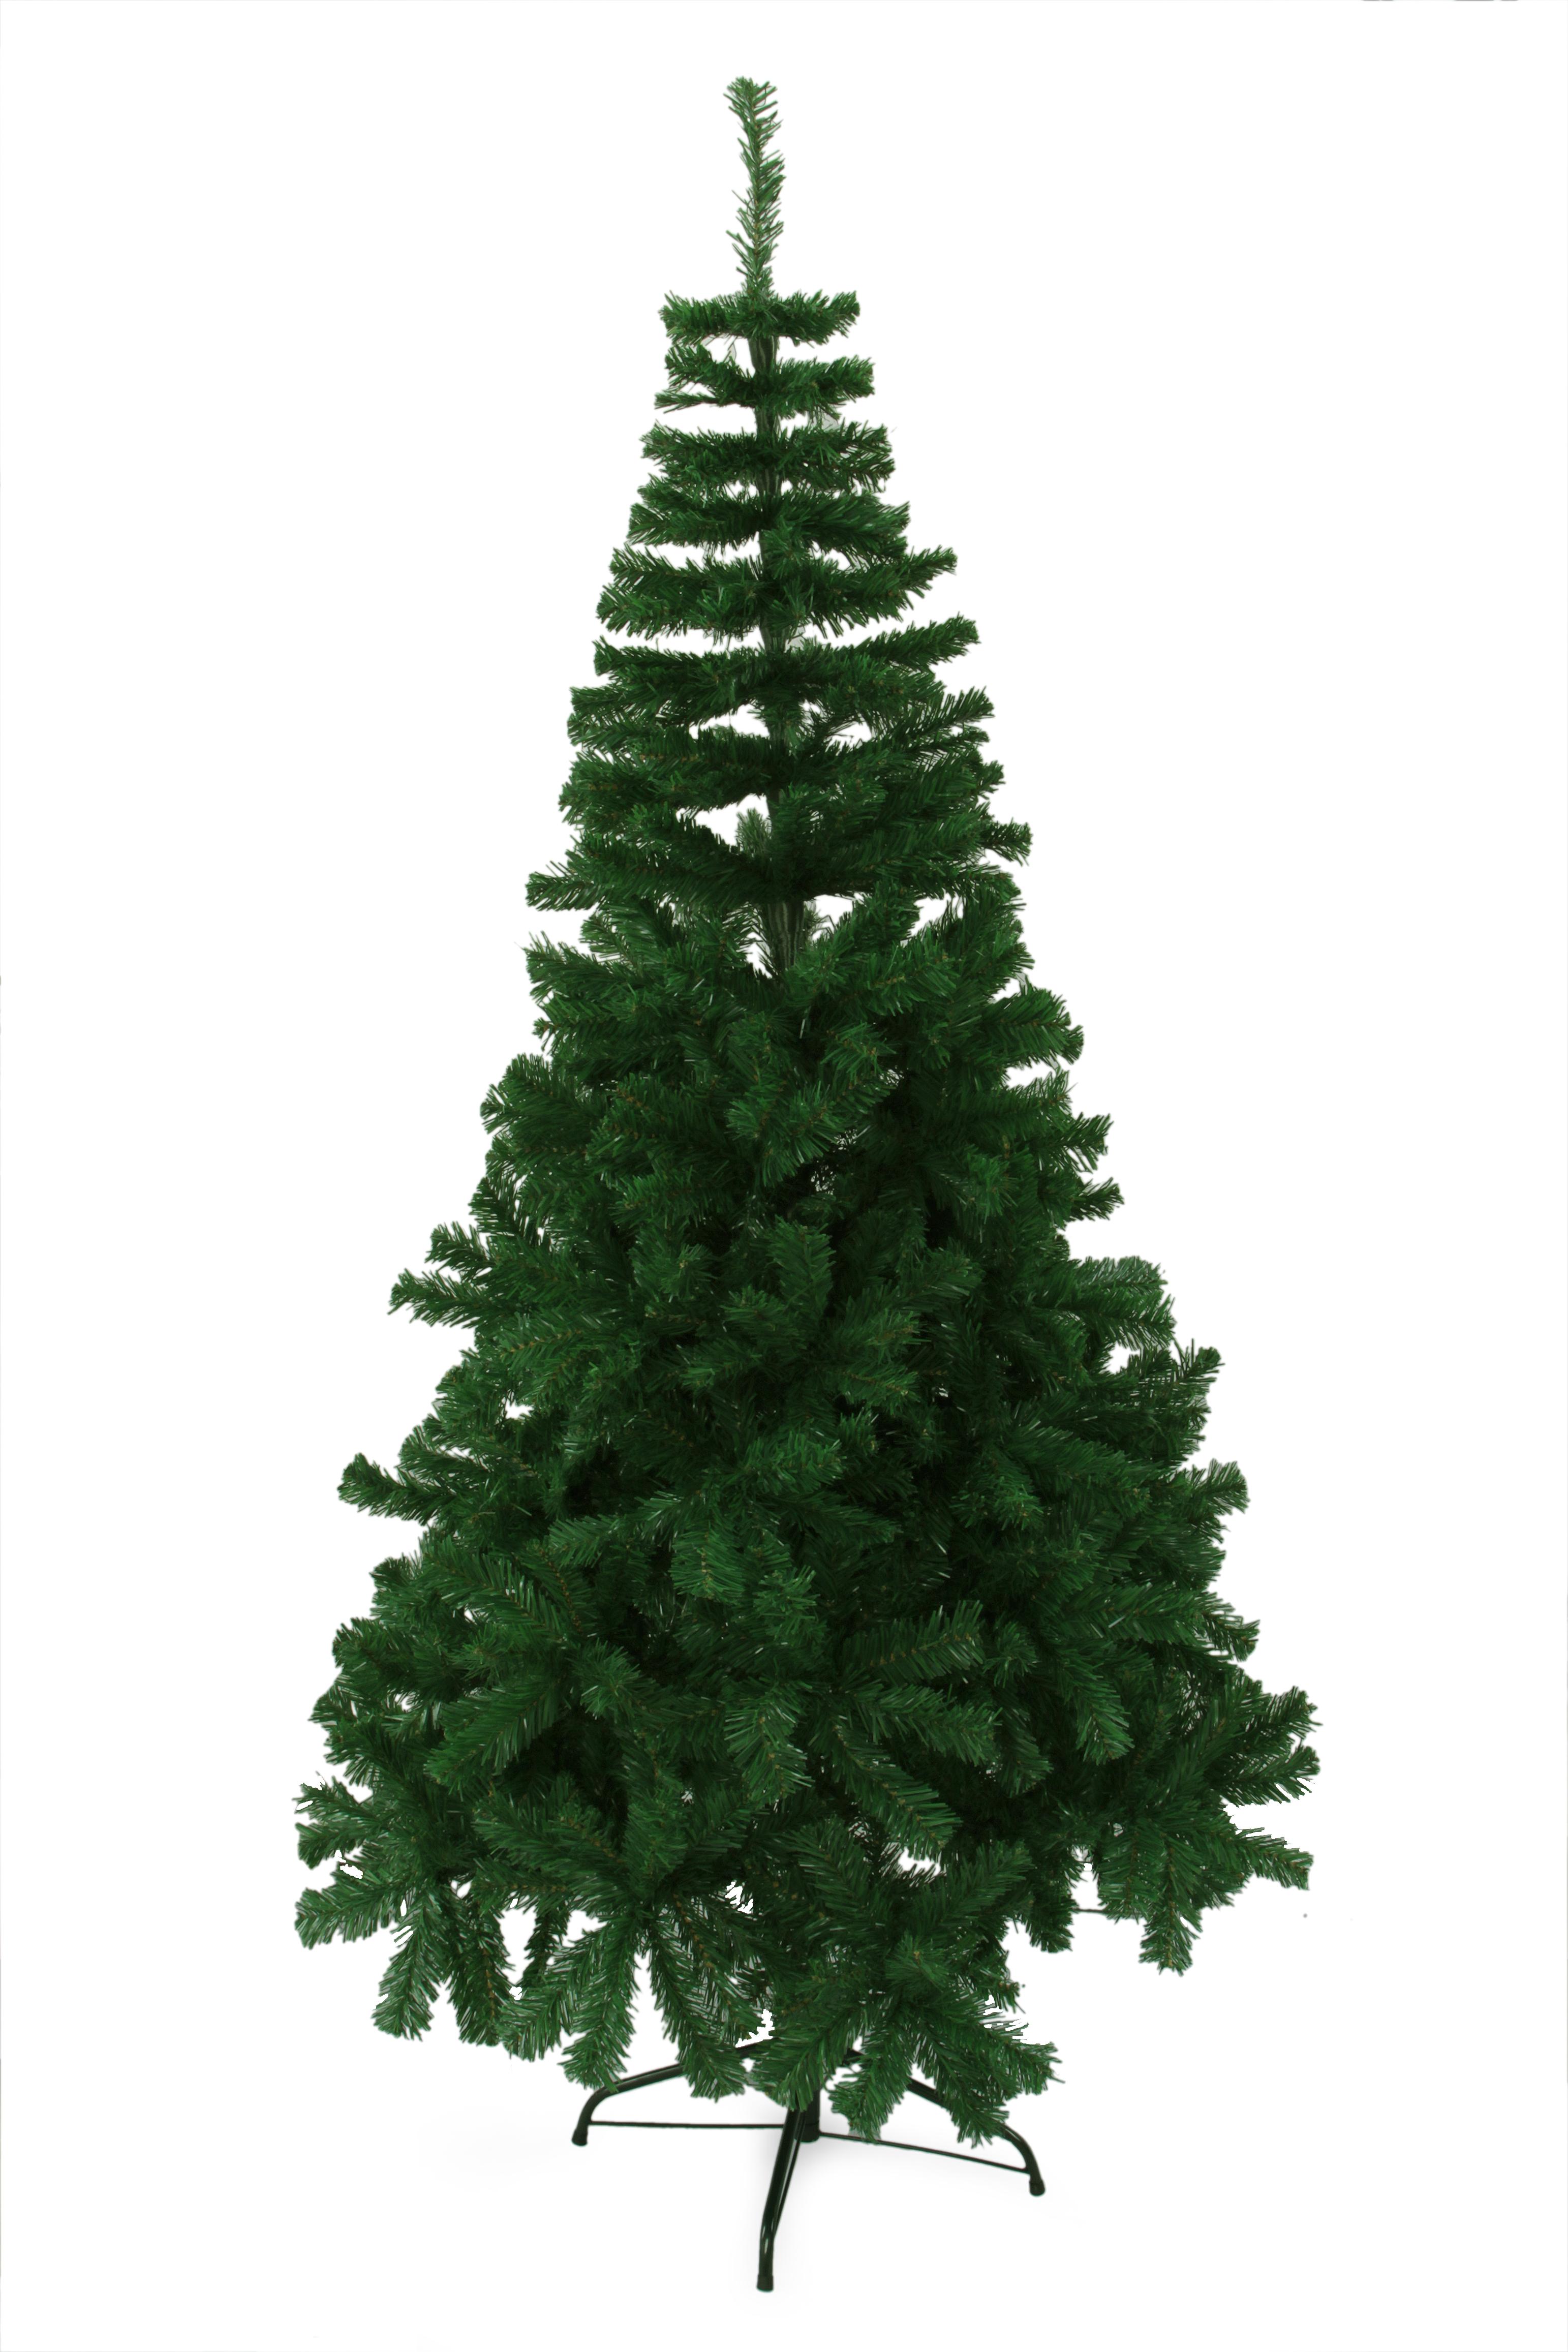 Vánoční stromek se stojanem zelený smrk výška 150 cm